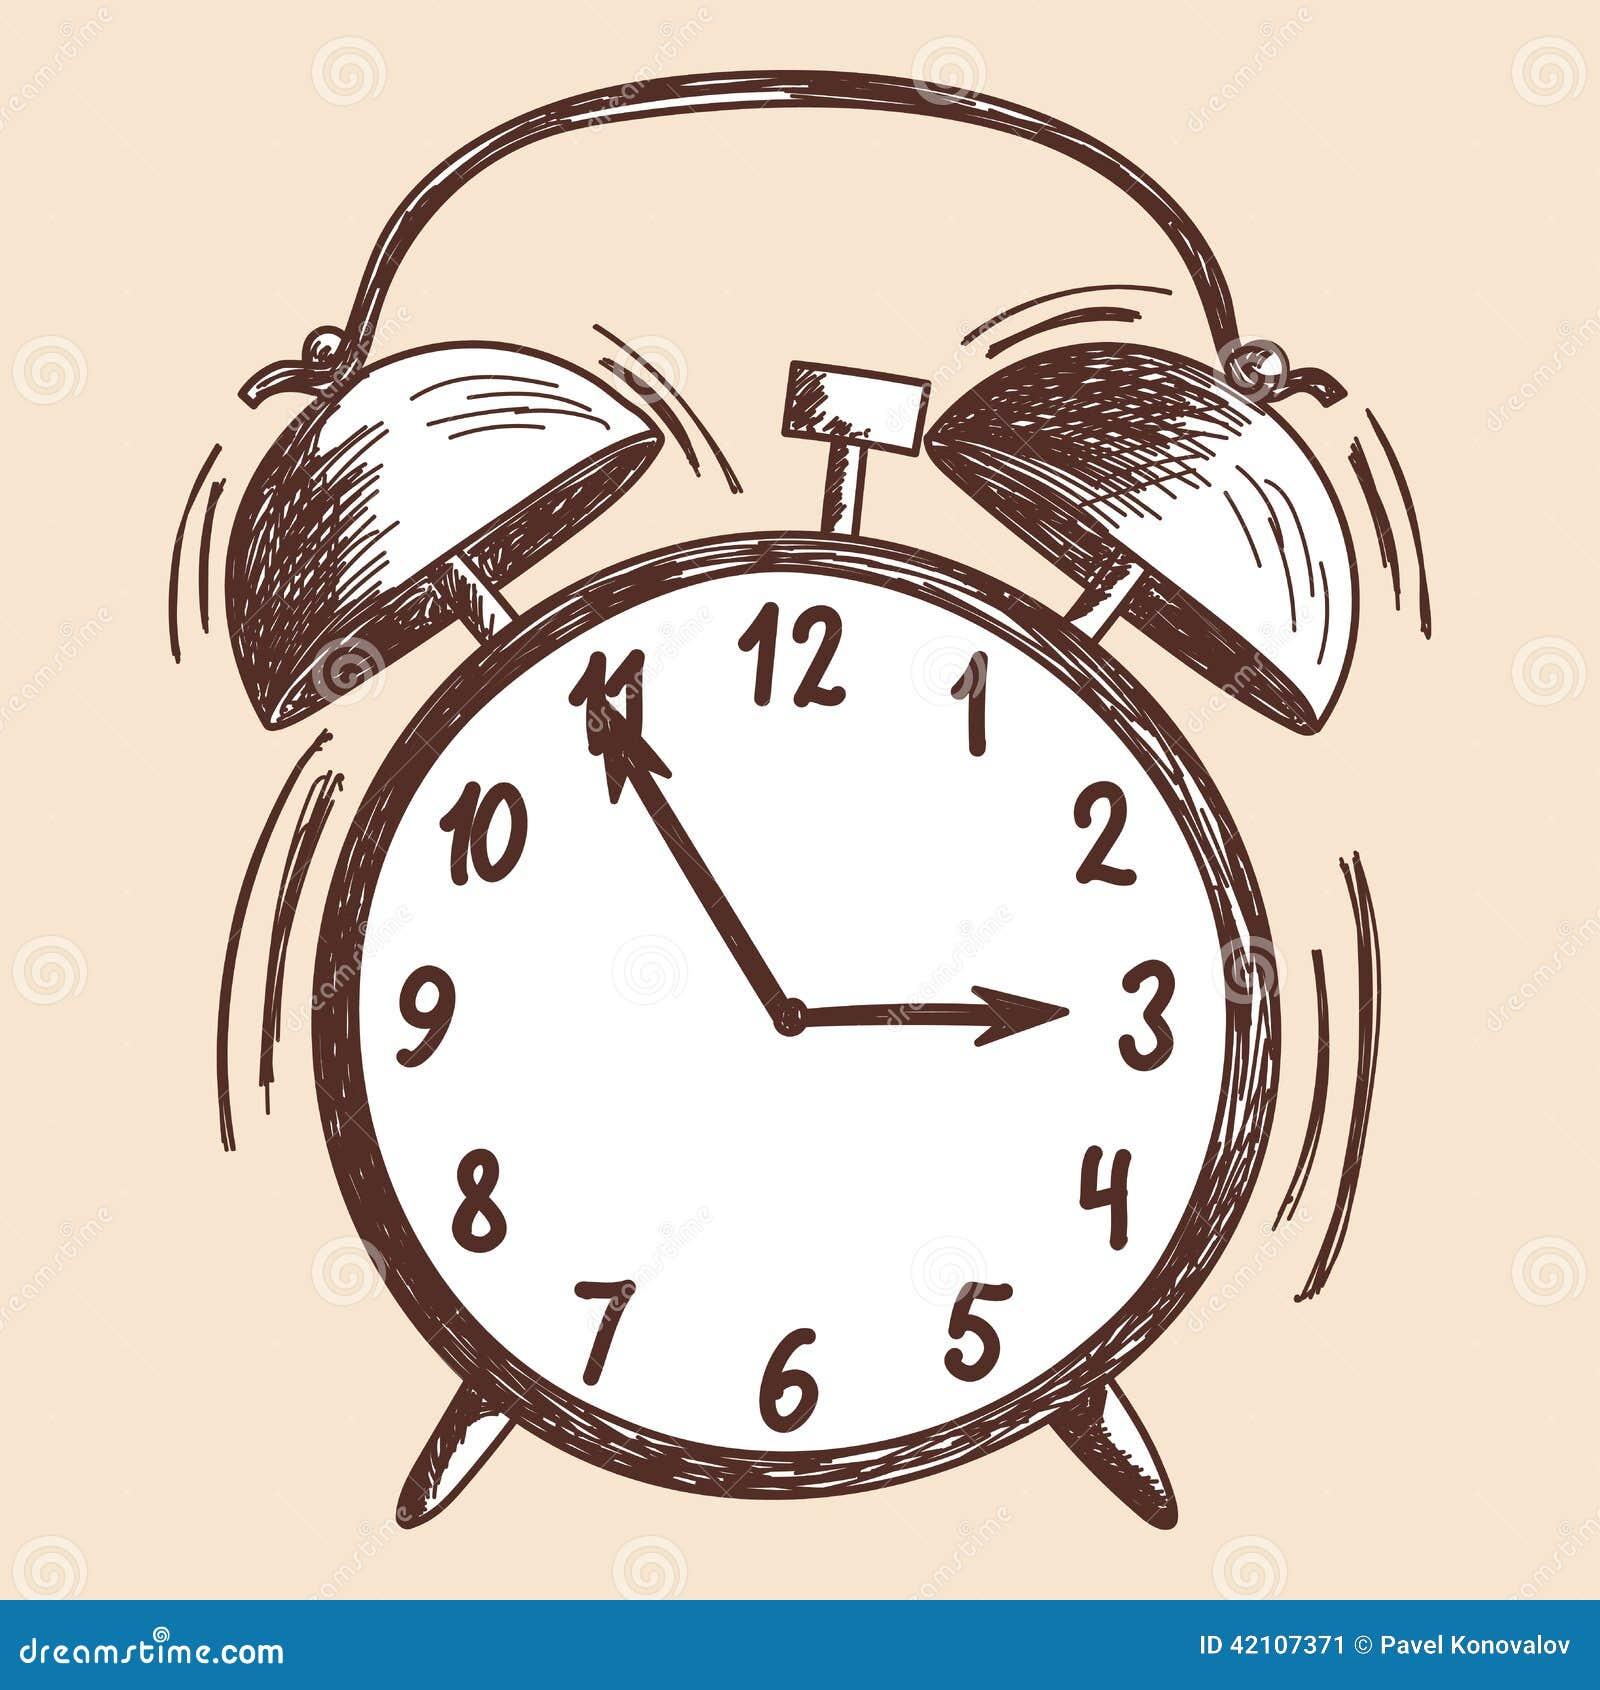 Alarm Clock Sketch Stock Vector Image 42107371